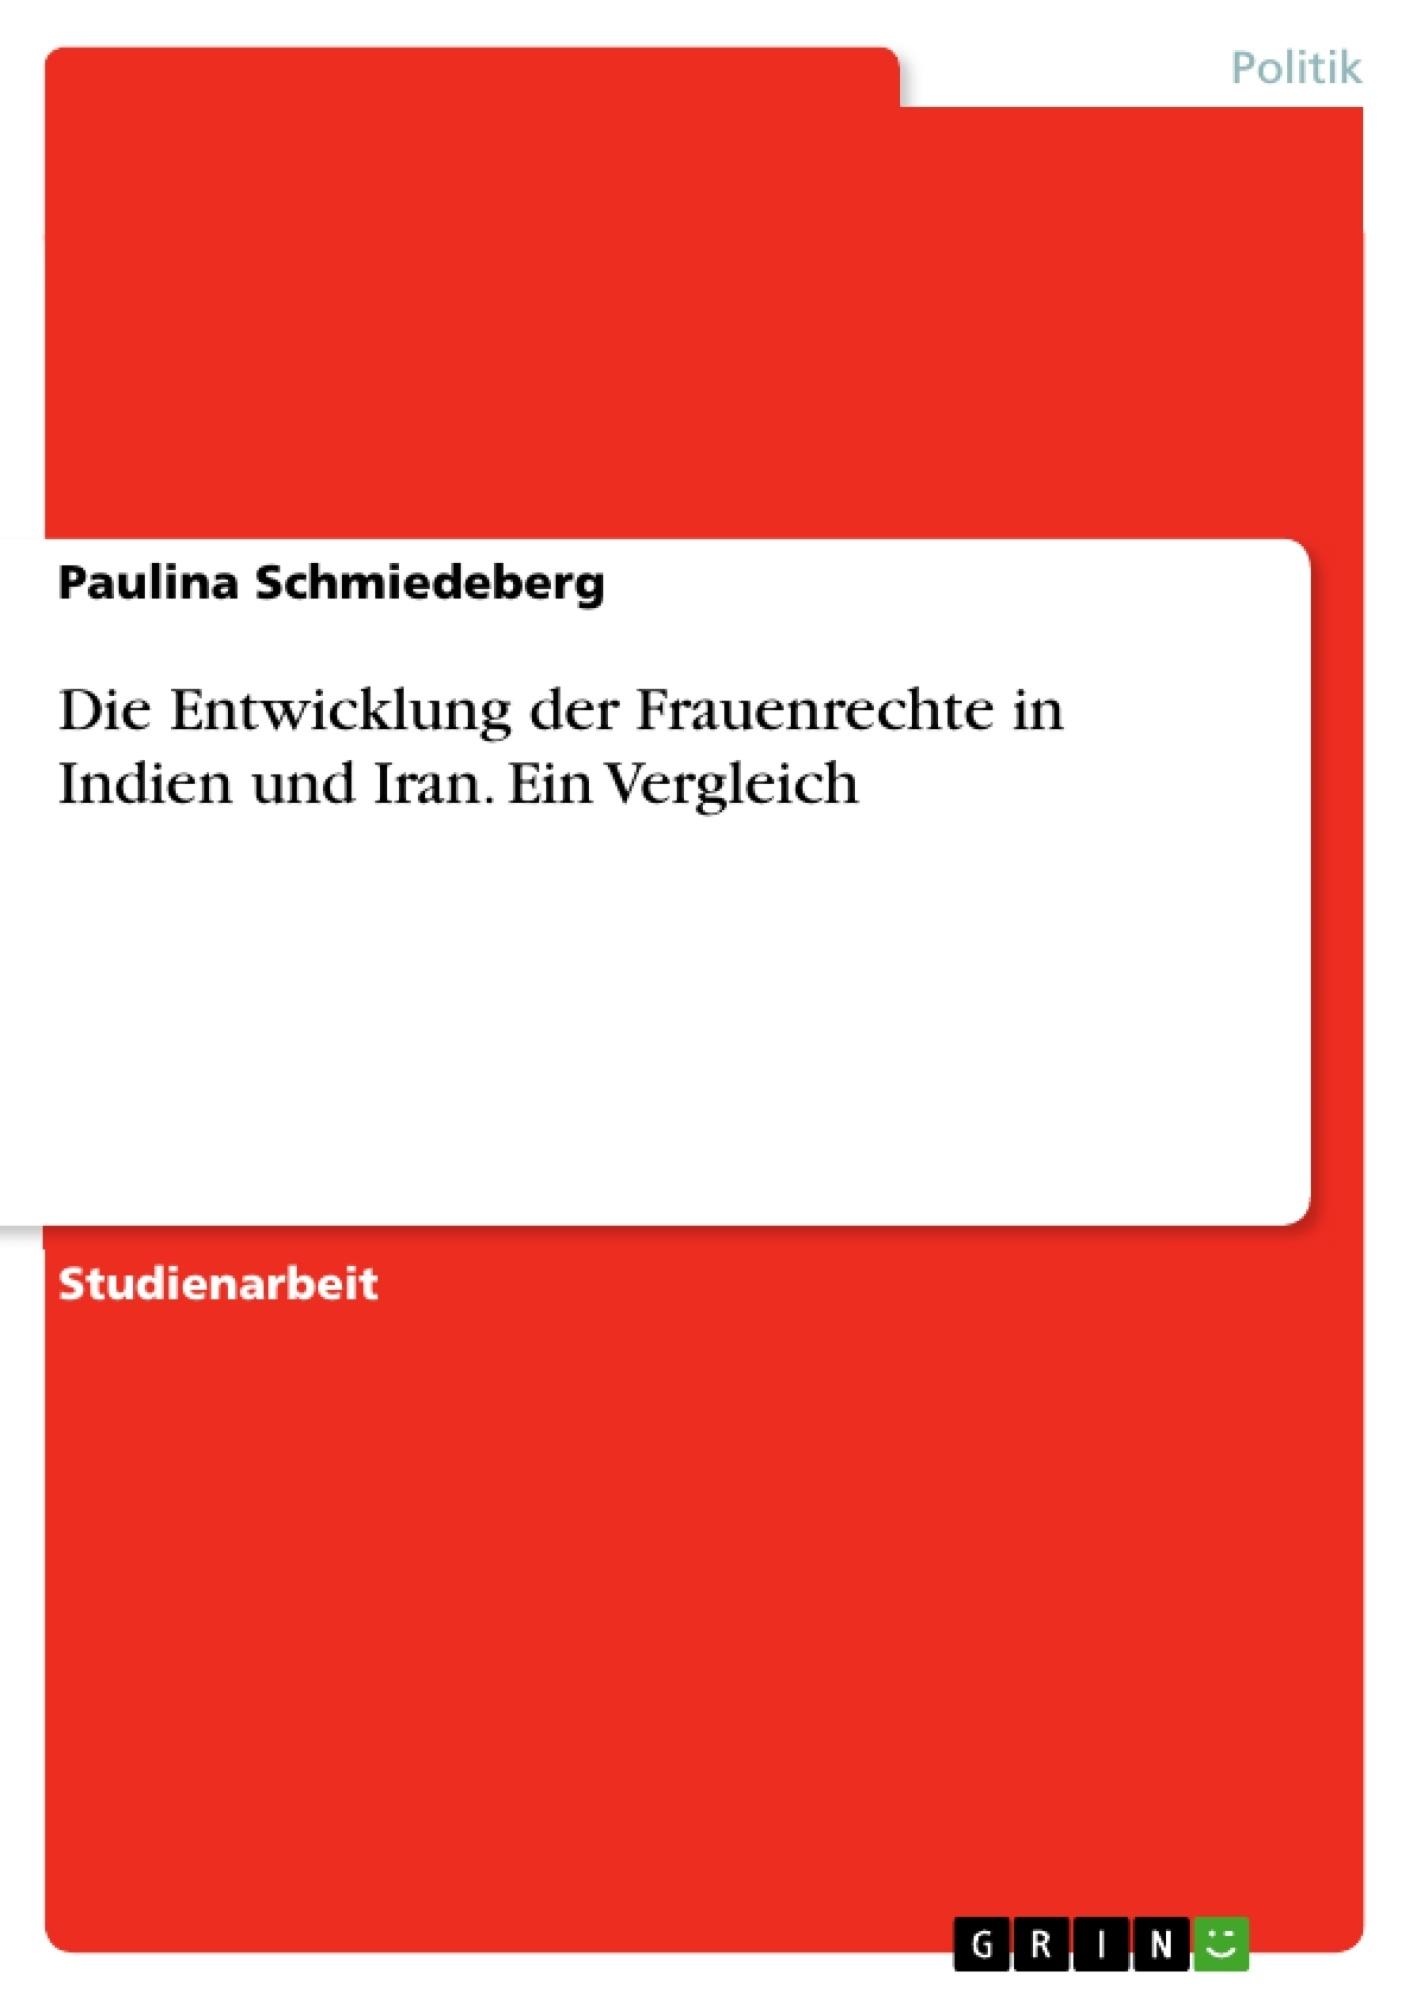 Titel: Die Entwicklung der Frauenrechte in Indien und Iran. Ein Vergleich